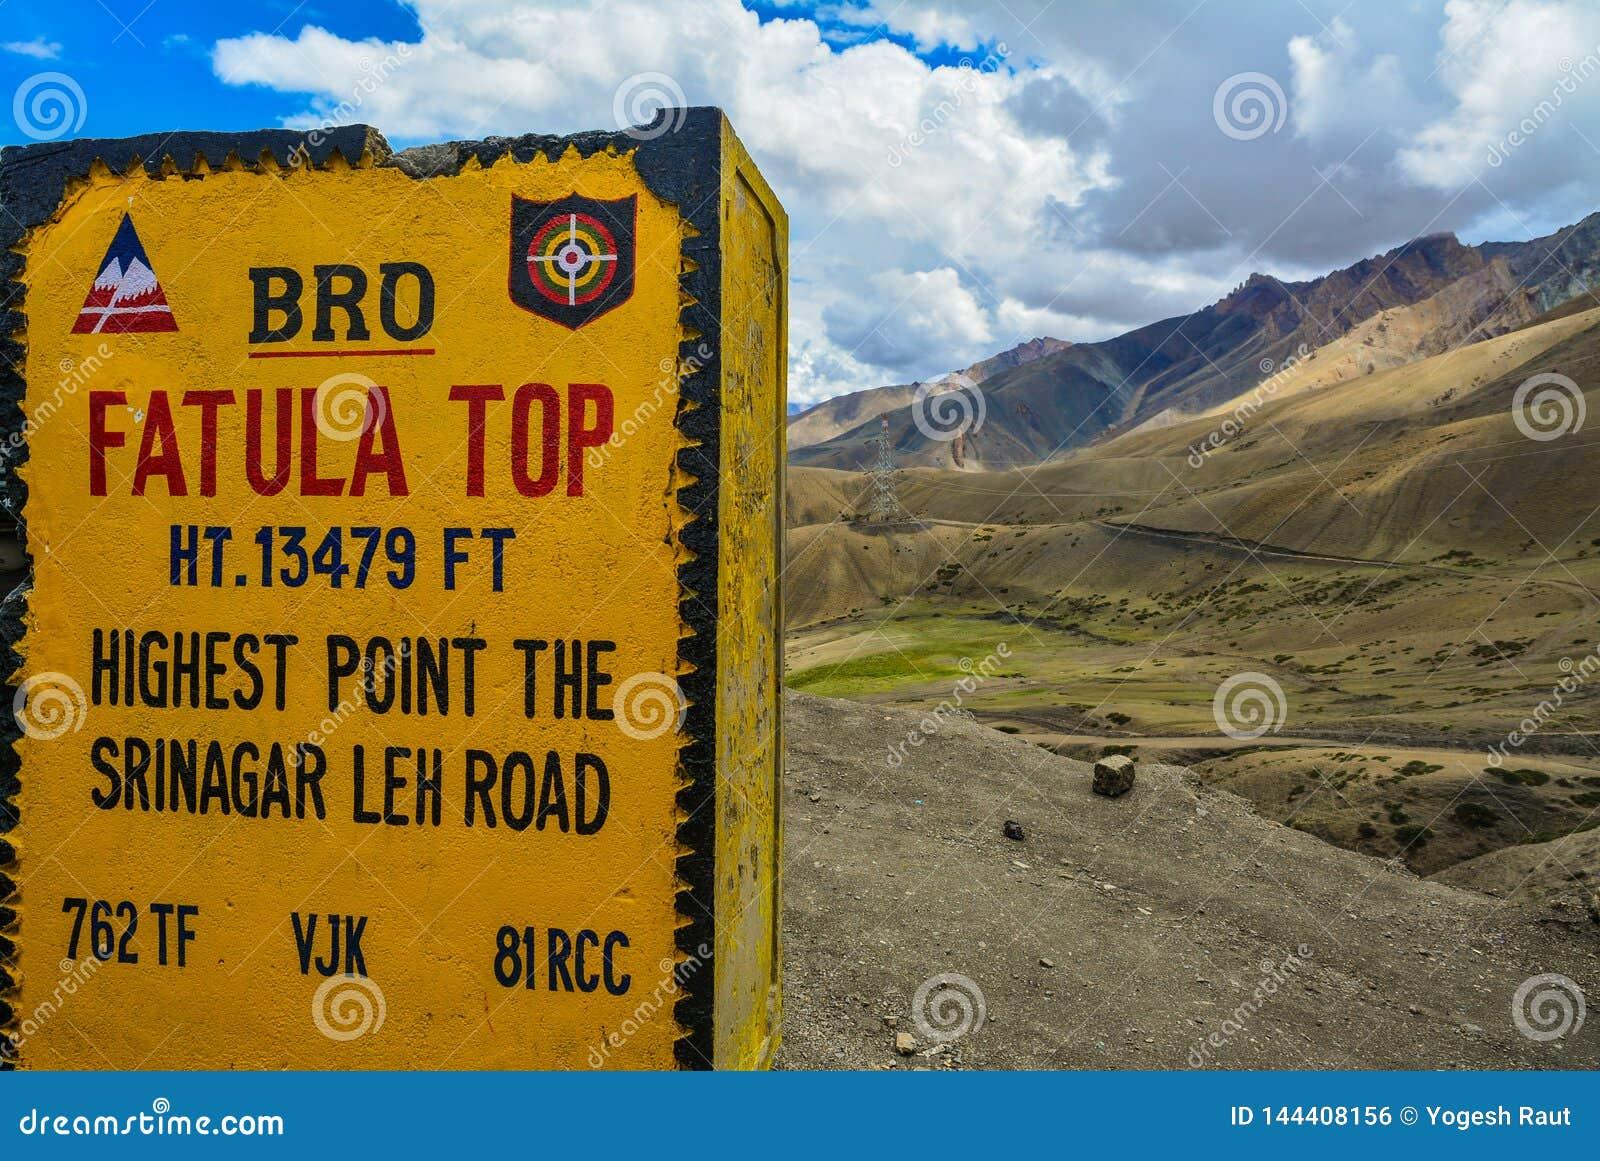 Kamień milowy pokazuje Fatula wierzchołek - wysoki punkt na Srinagar Leh drodze